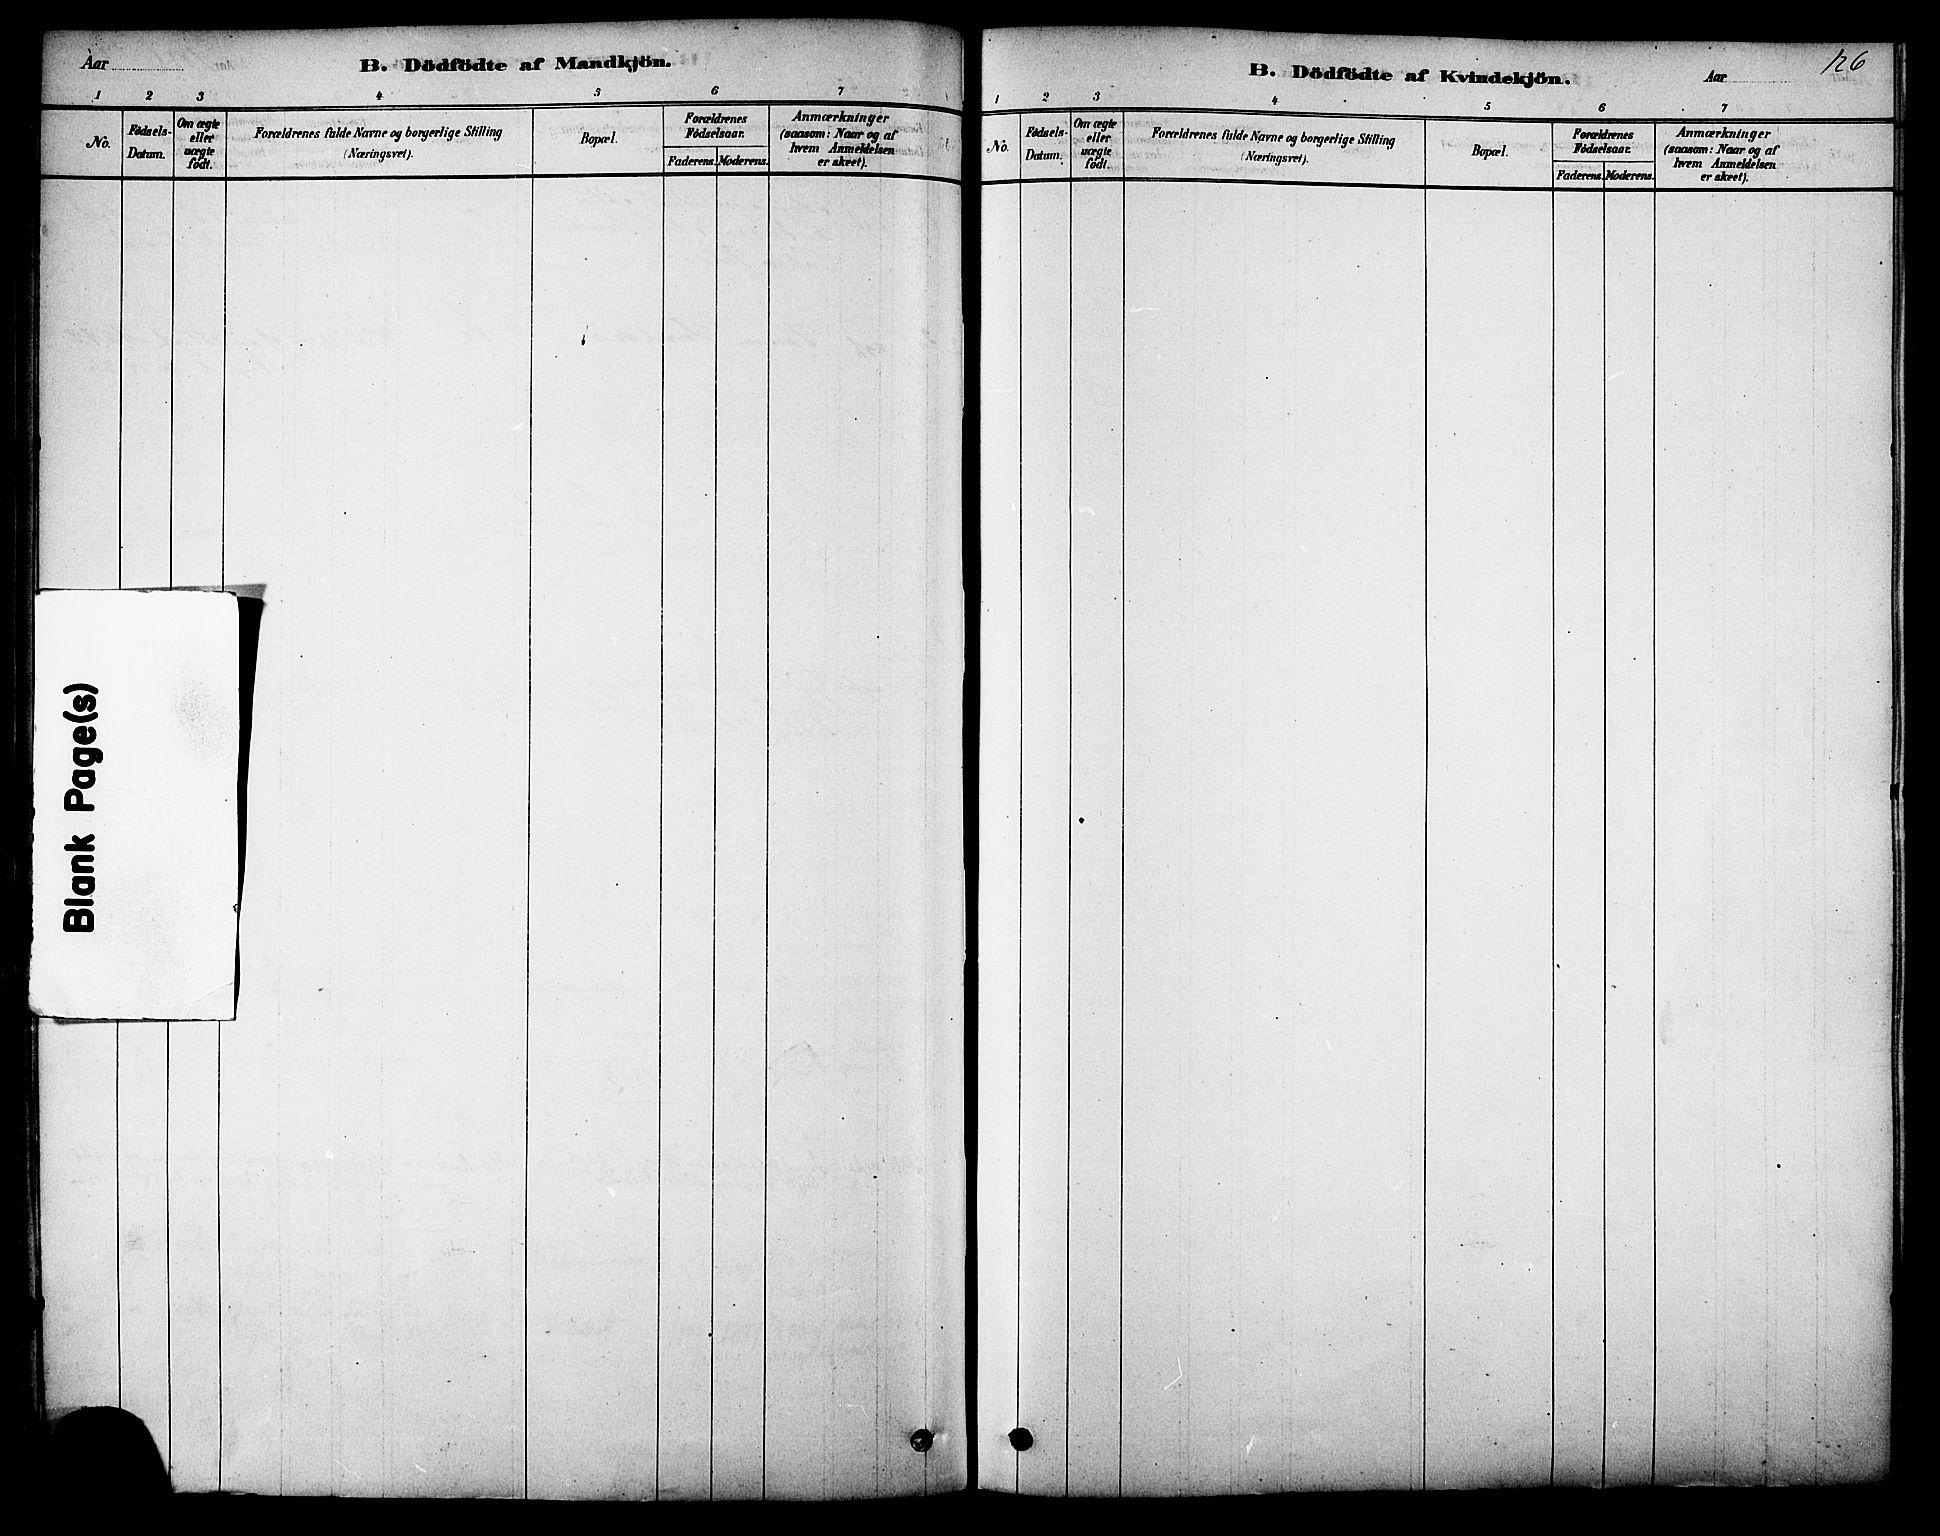 SAT, Ministerialprotokoller, klokkerbøker og fødselsregistre - Sør-Trøndelag, 616/L0410: Ministerialbok nr. 616A07, 1878-1893, s. 126